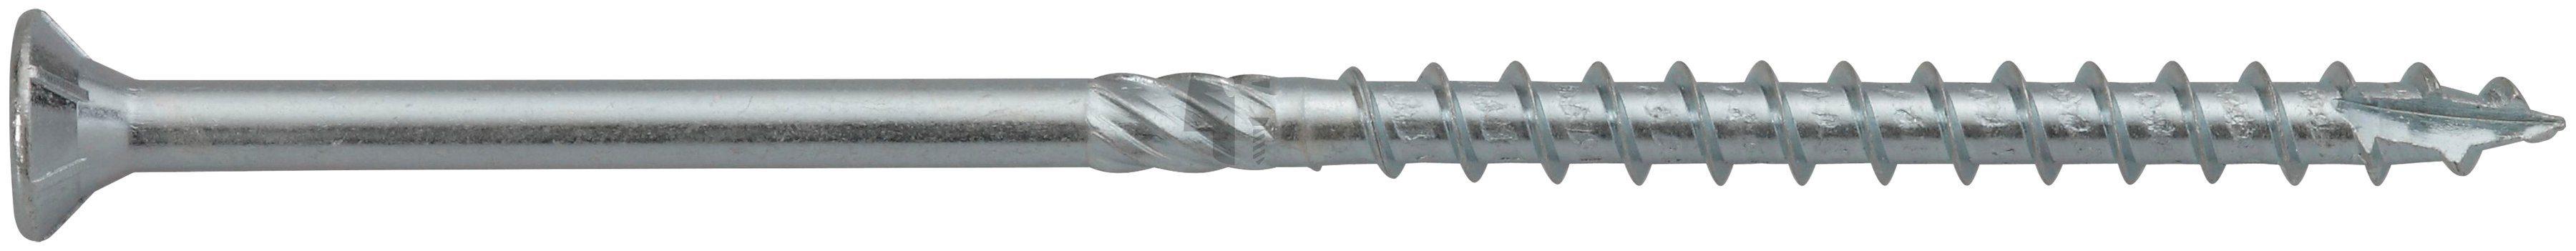 RAMSES Schrauben , Holzbauschraube 4 x 40 mm 500 Stk.